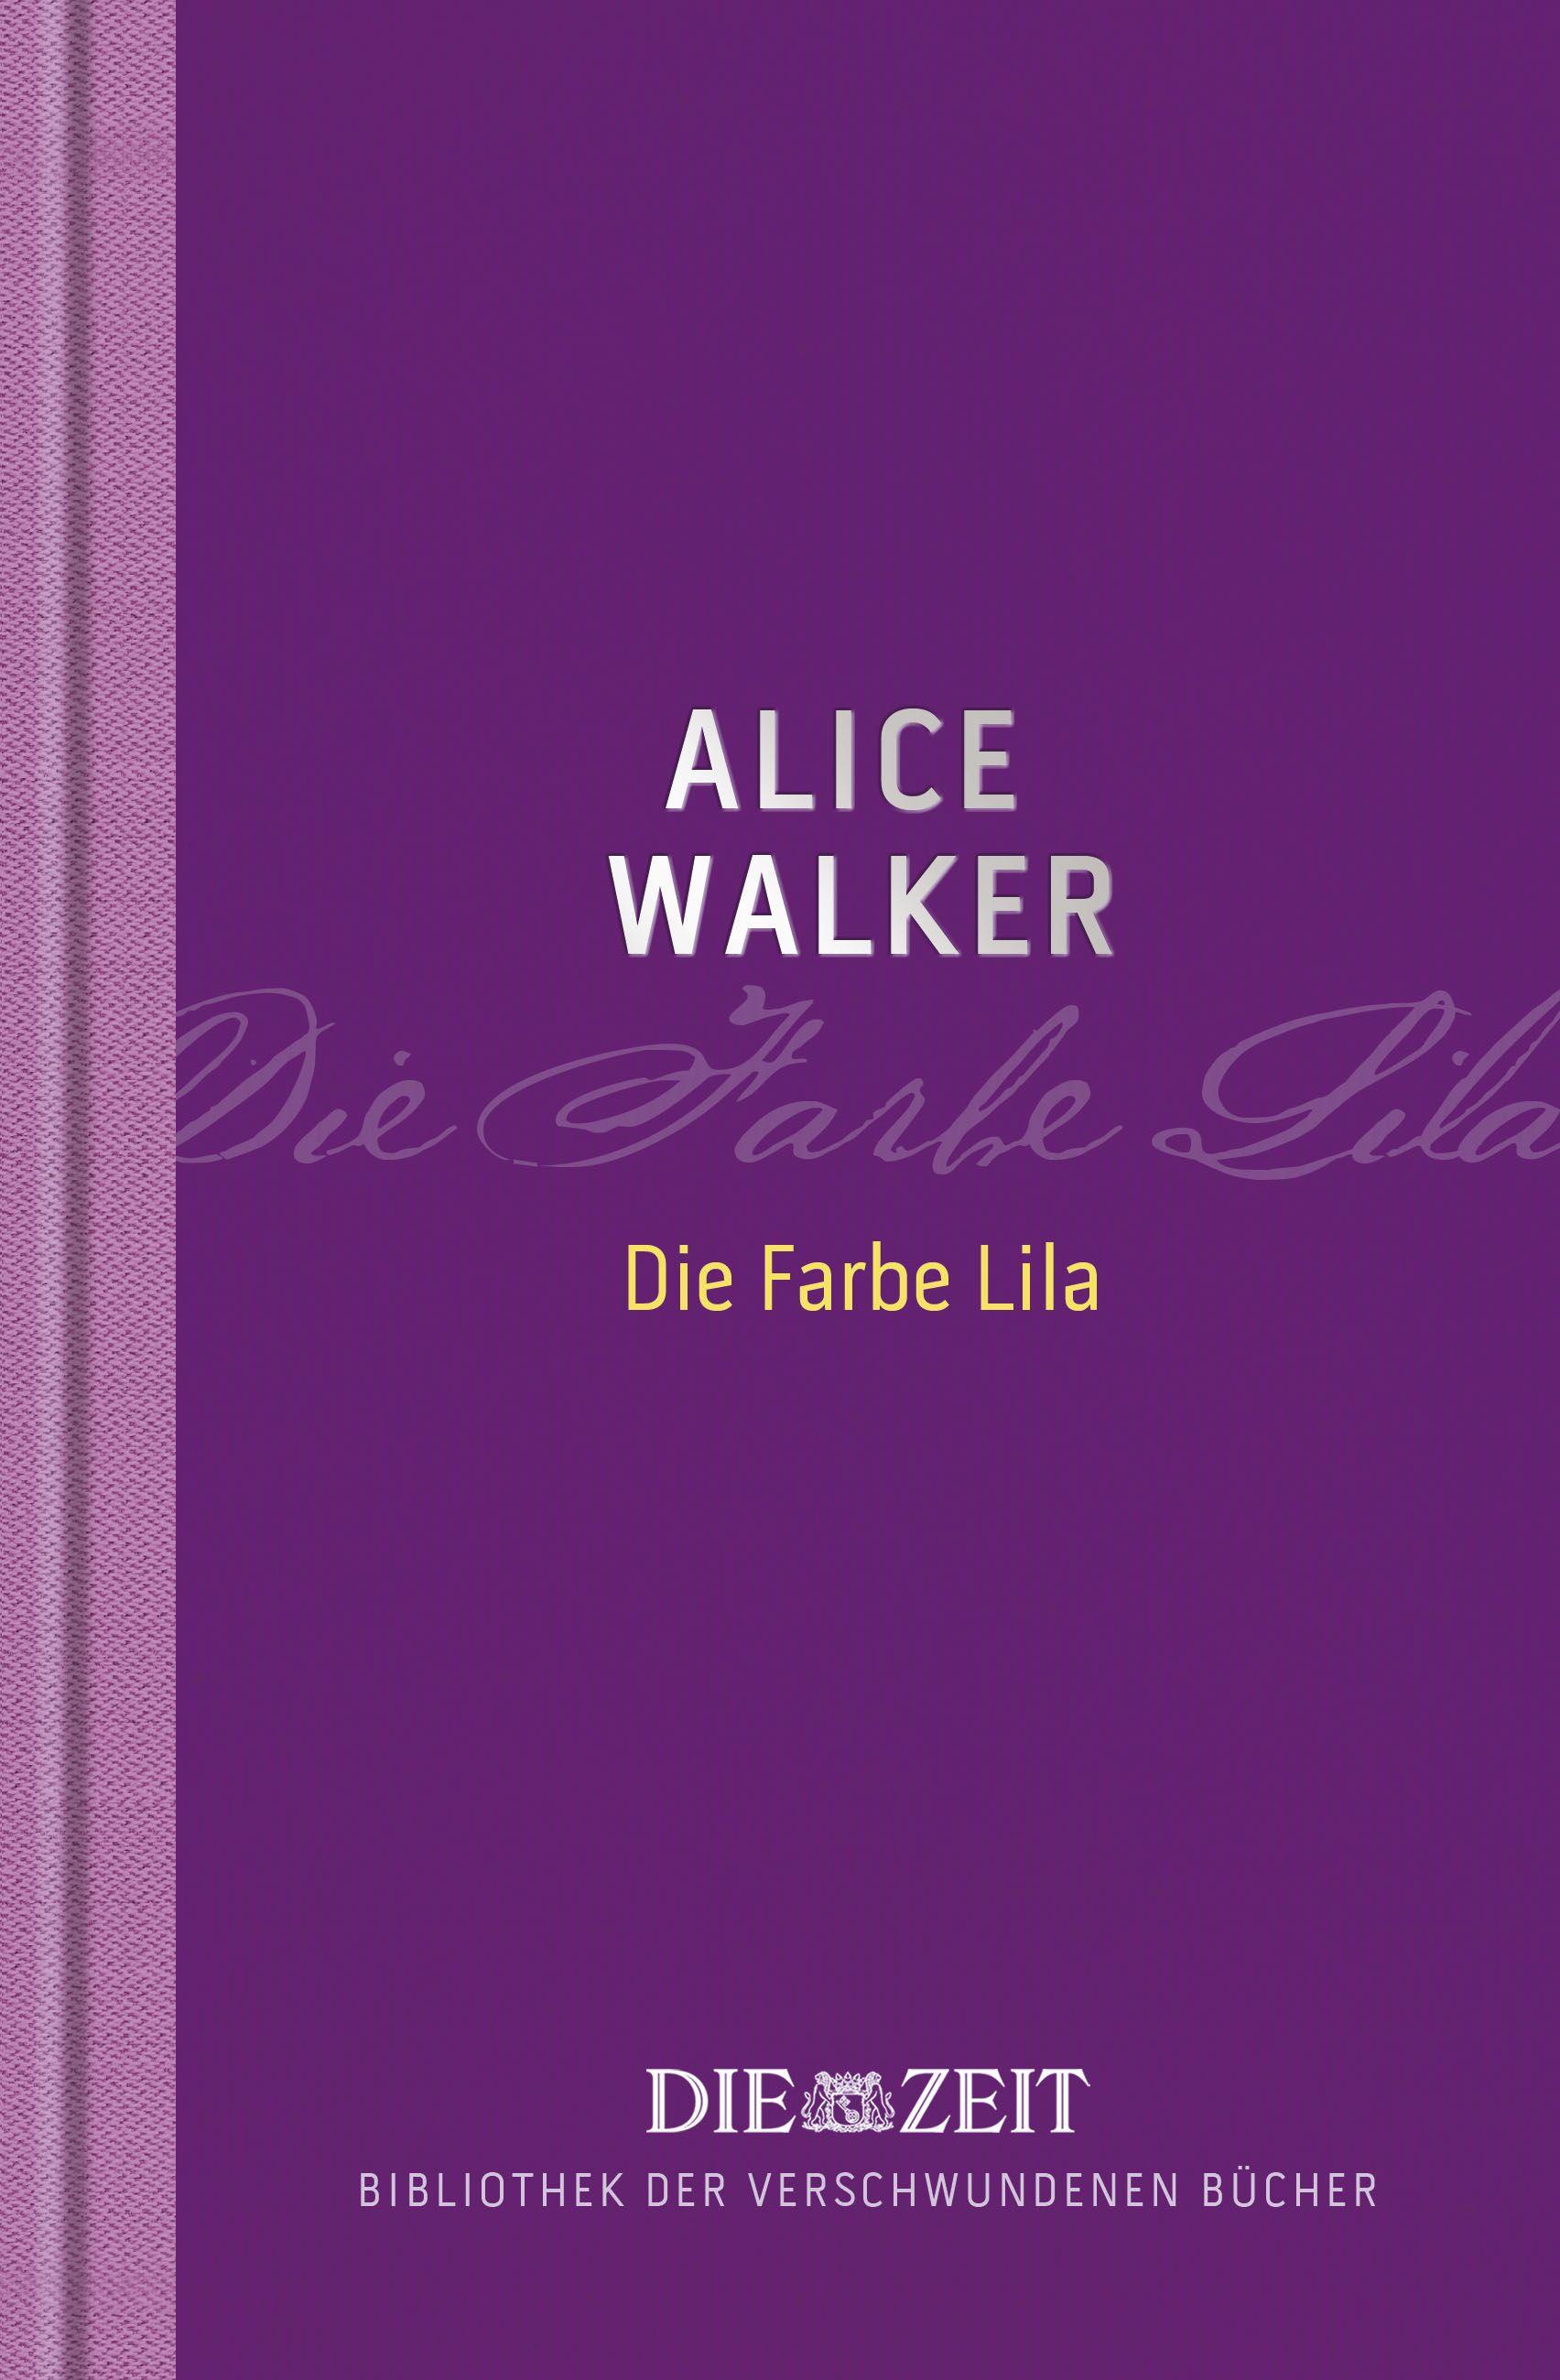 Charmant Wie Viele Seiten Hat Die Farbe Lila Galerie - Malvorlagen ...